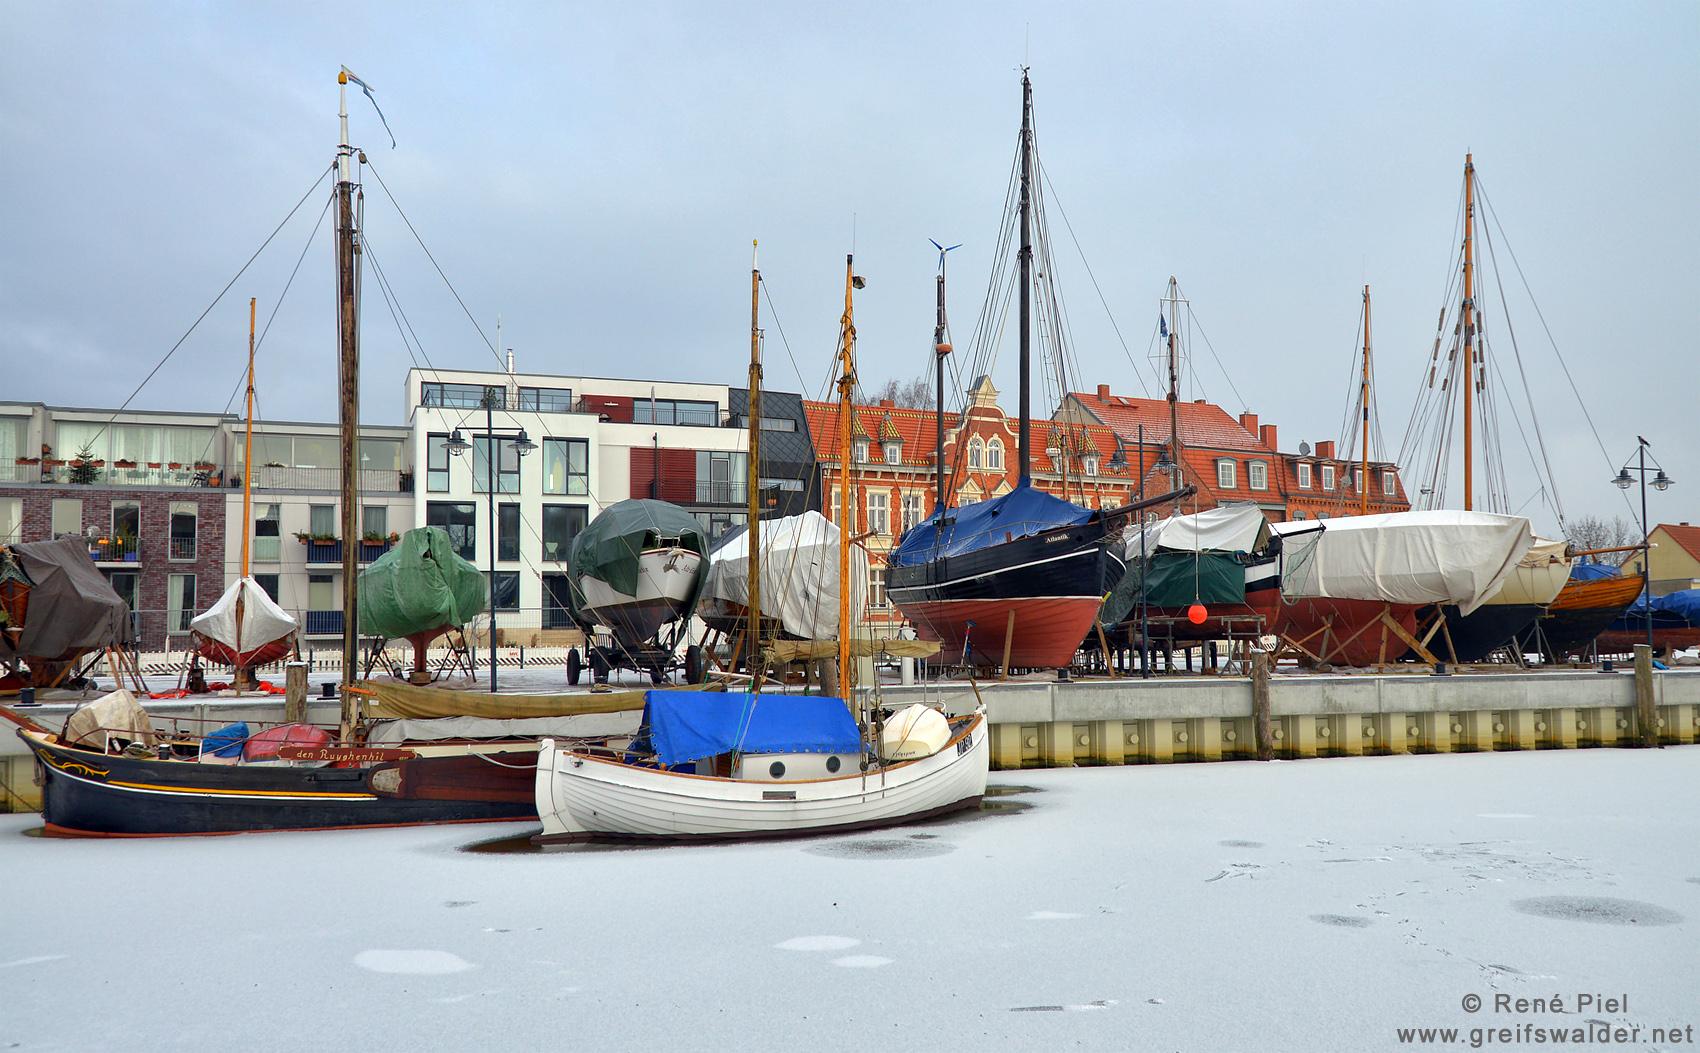 Winterschlaf am Museumshafen in Greifswald